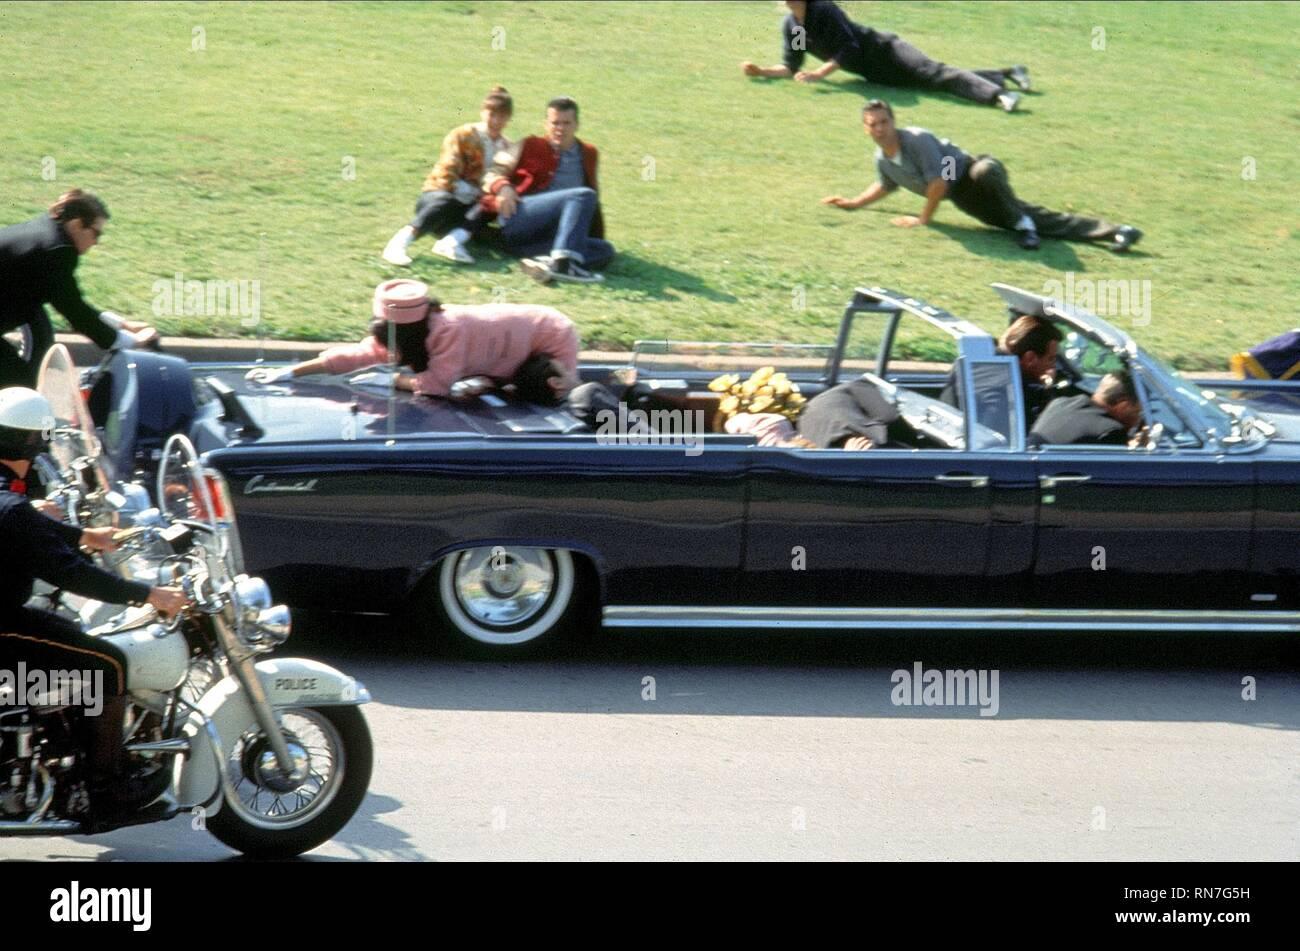 JFK, ASSASSINATION SCENE, 1991 - Stock Image